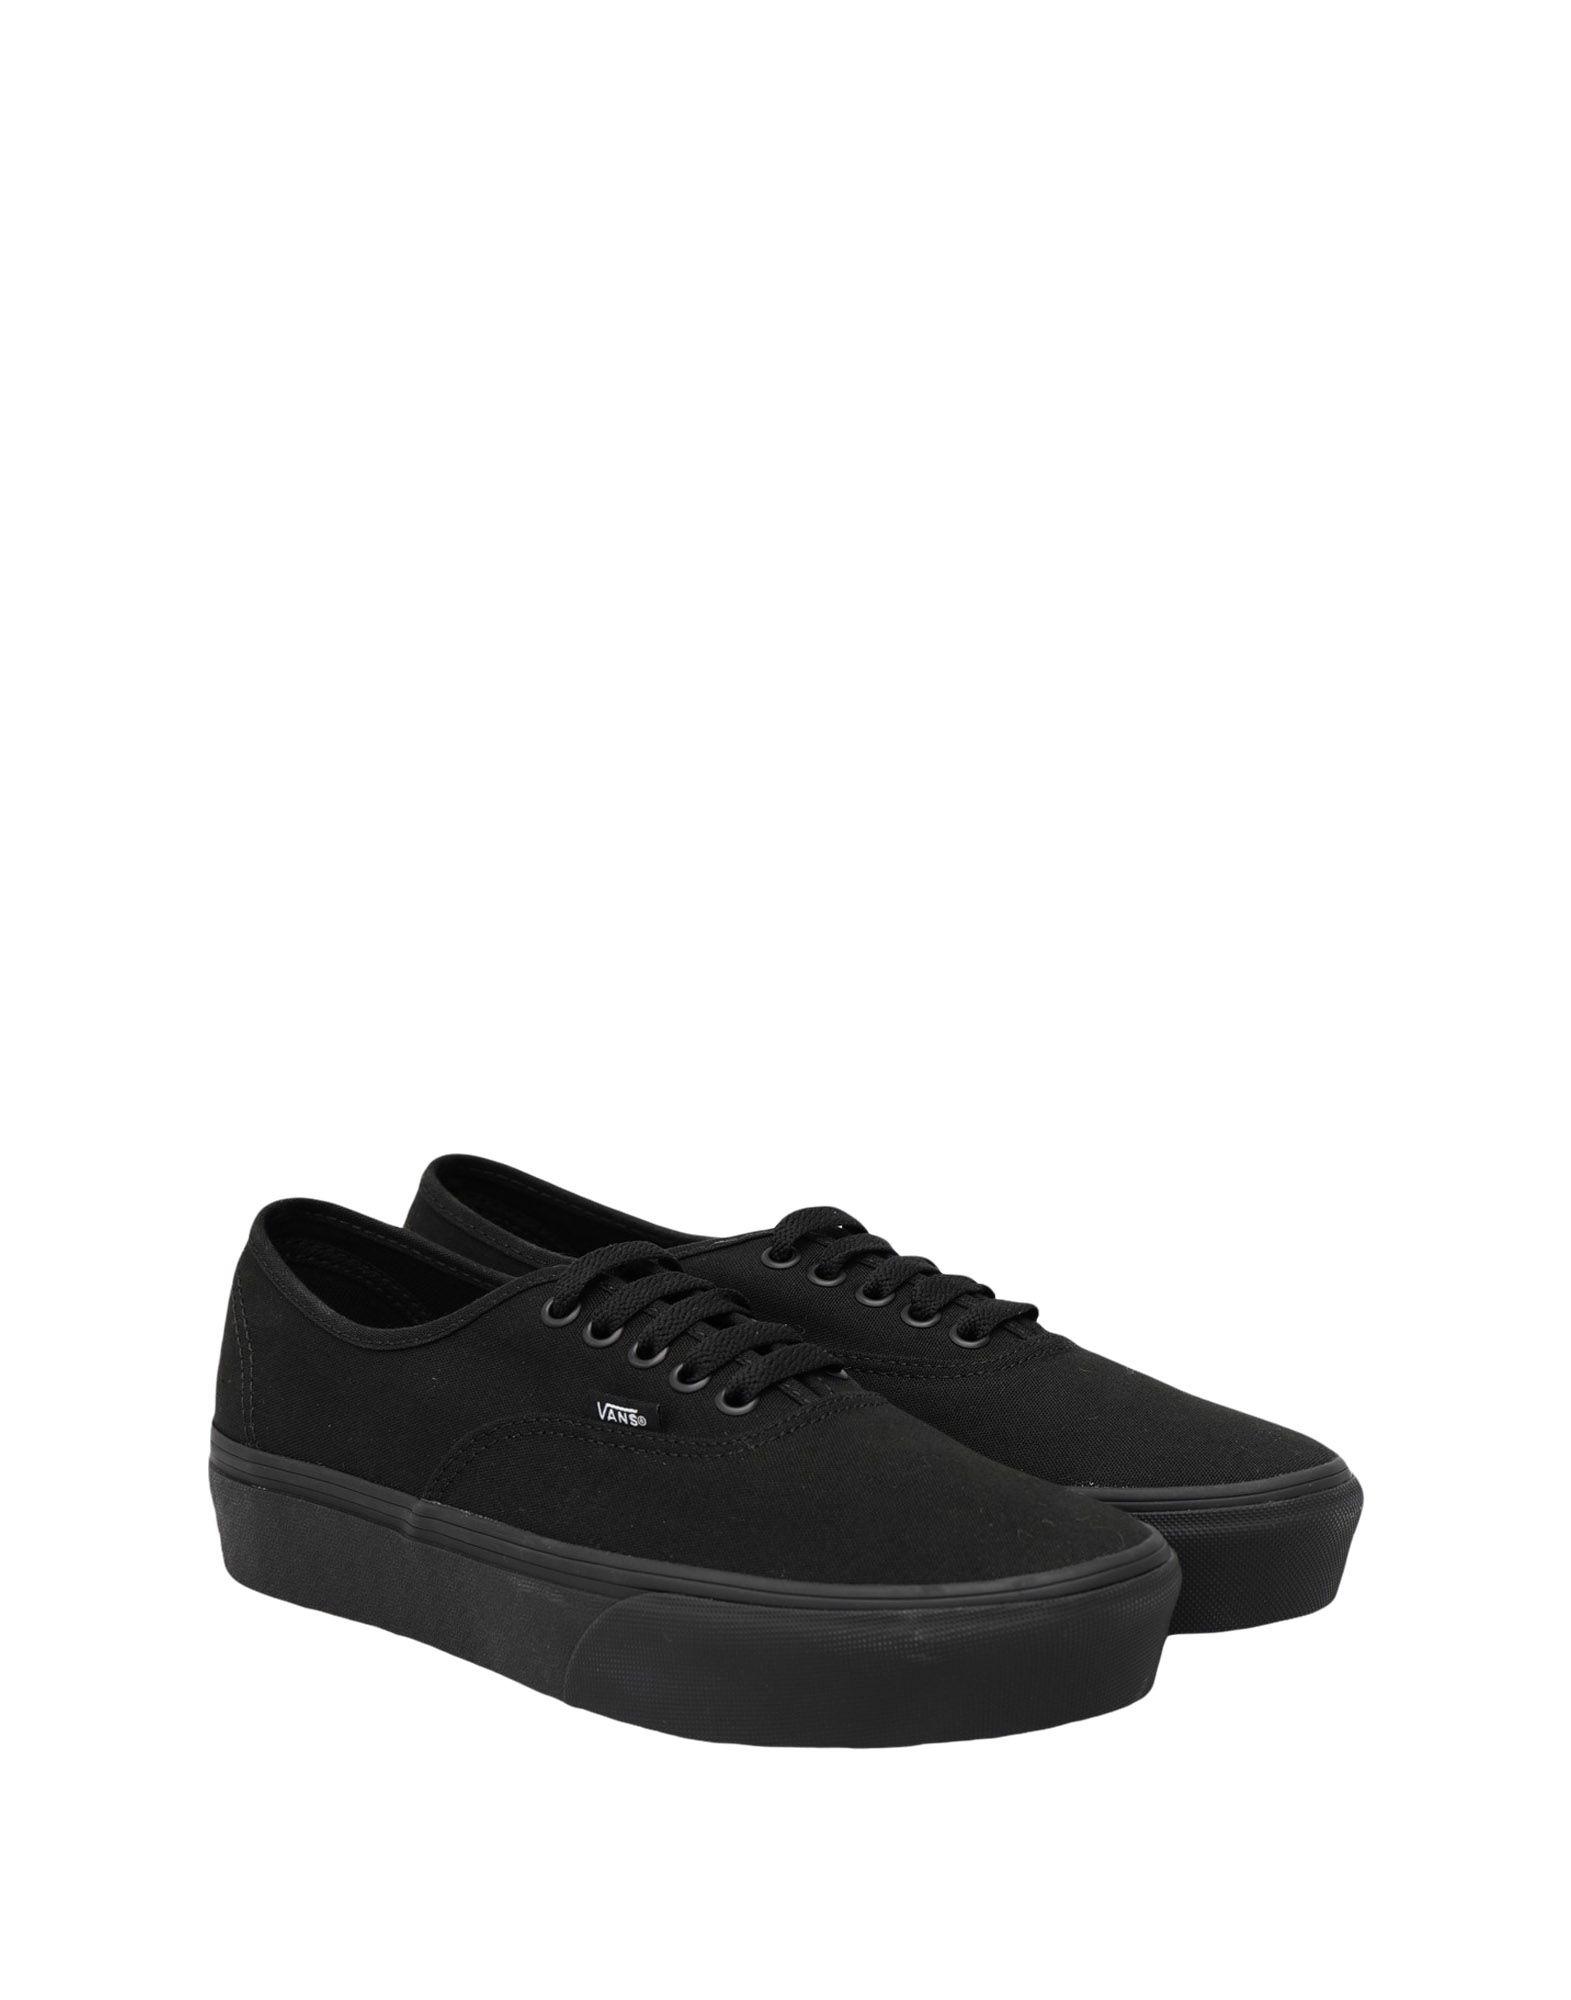 Vans Ua Authentic Platform (Pig Suede) Schuhe 11559668JV Gute Qualität beliebte Schuhe Suede) 8ee16f